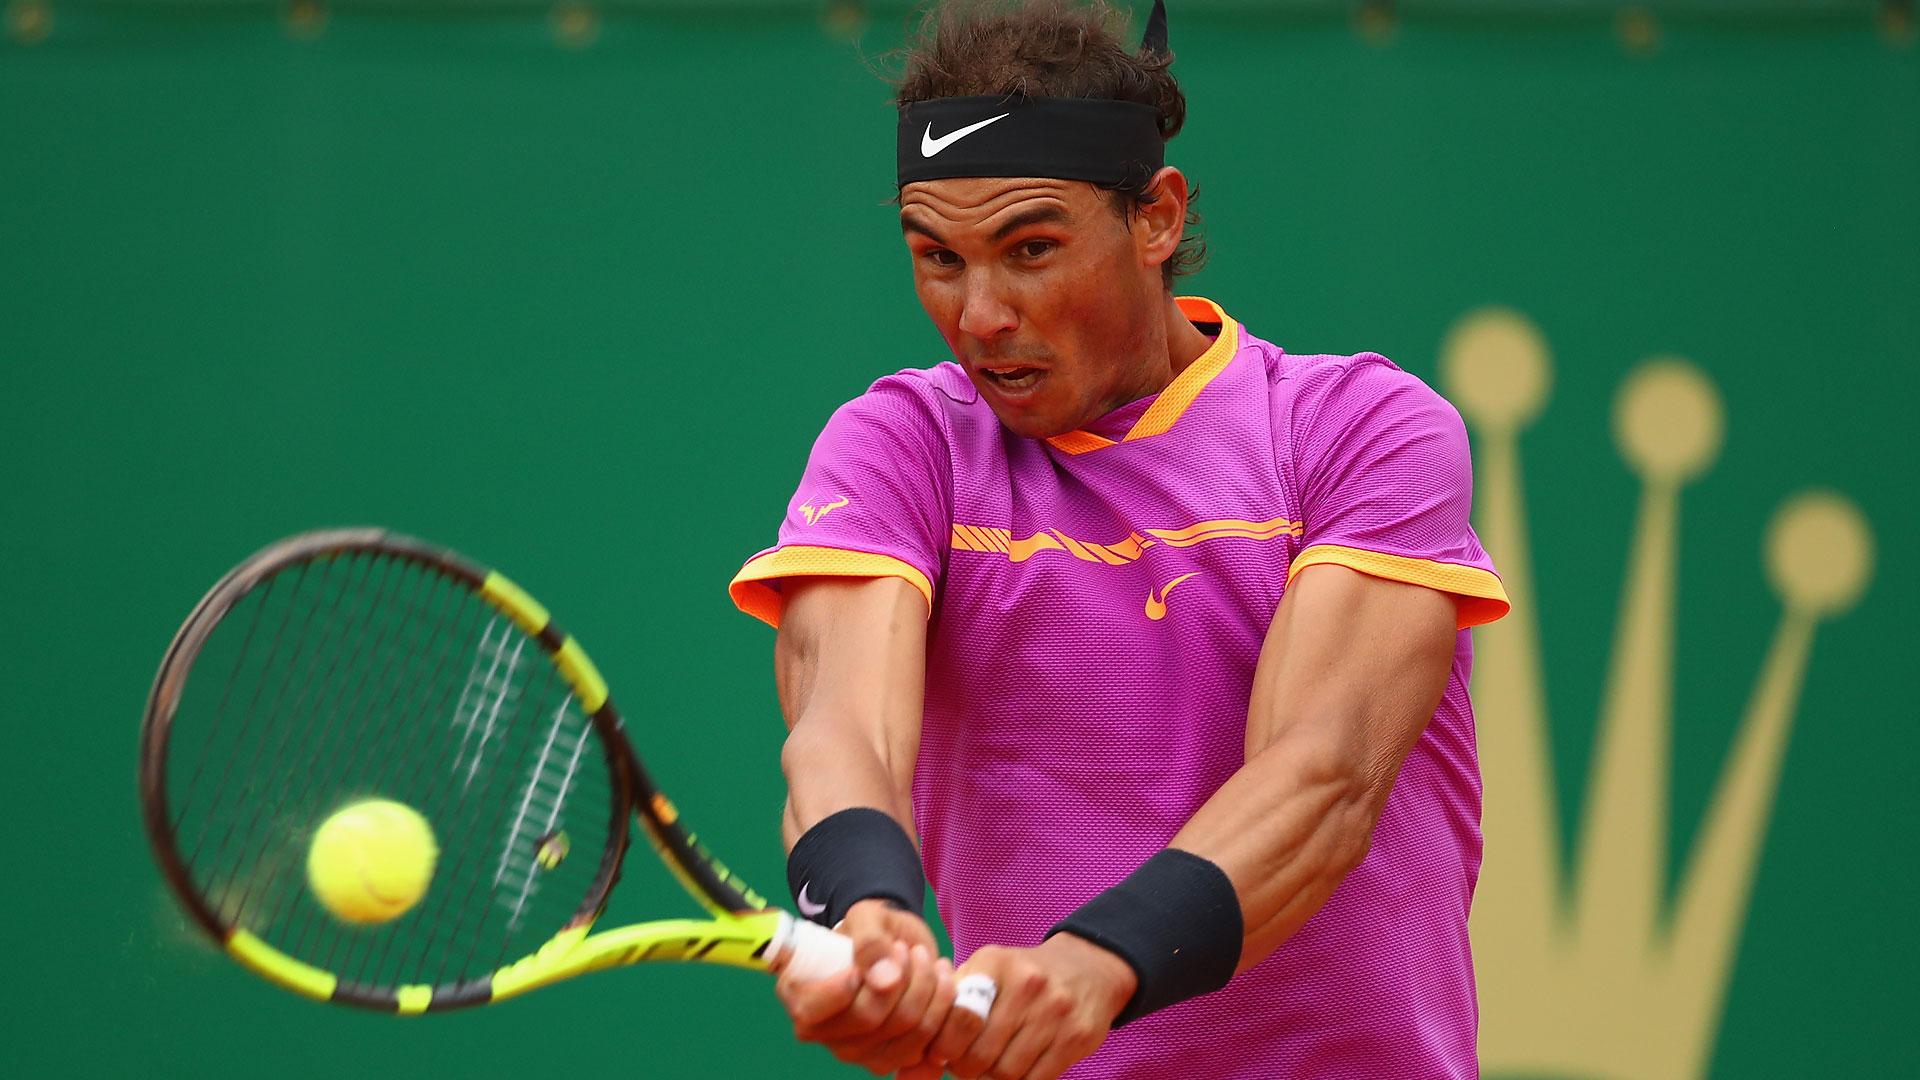 टेनिस नडाल 10वां मोंटे कार्लो खिताब पाने से एक कदम दूर